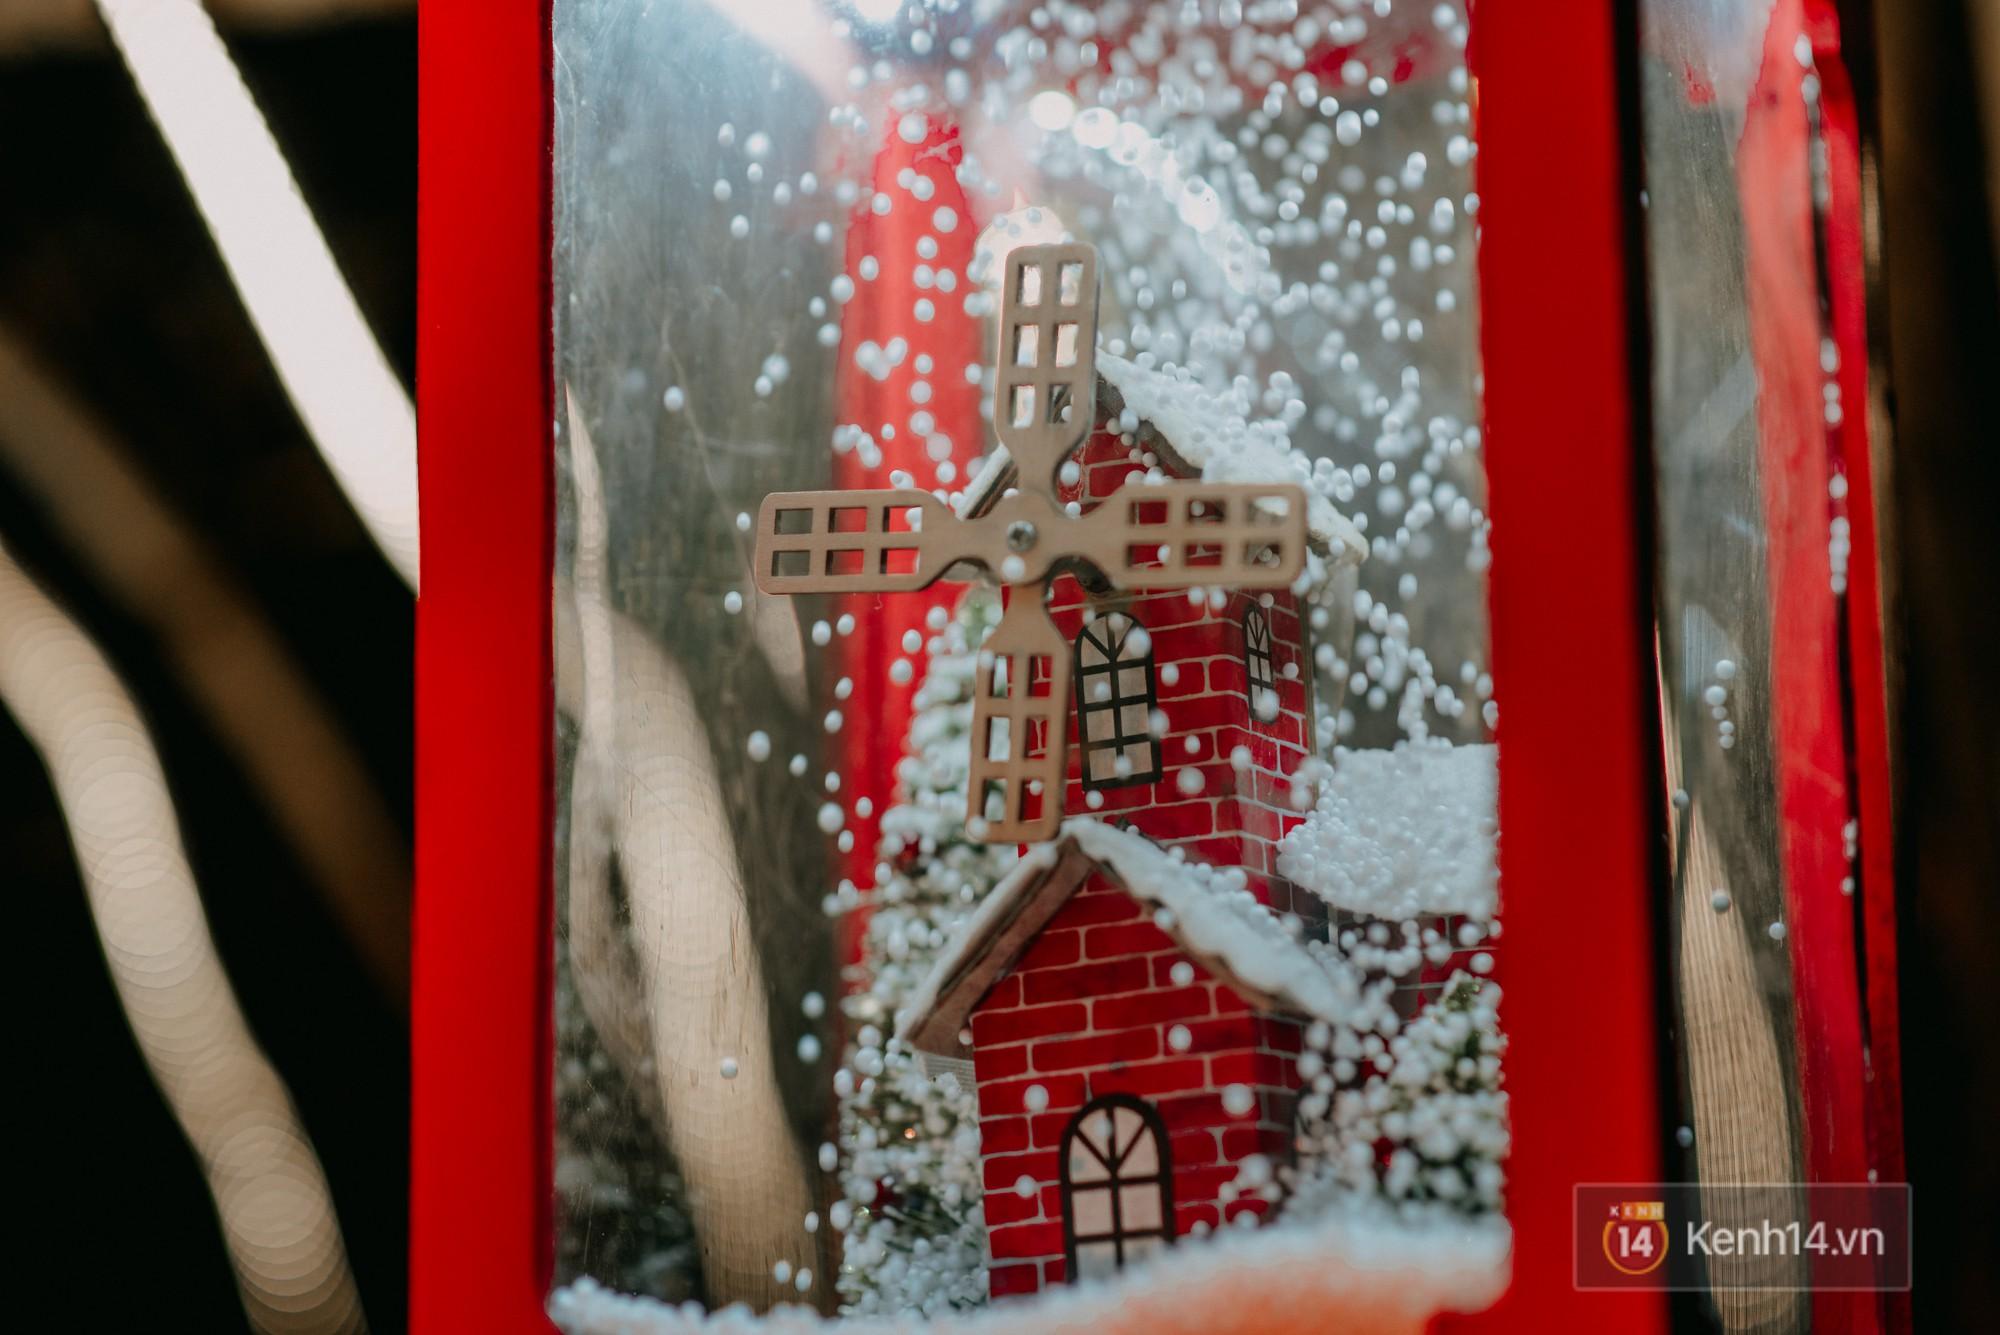 Trường ĐH con nhà giàu này đang là trường trang trí Noel đẹp nhất nước, có máy phun tuyết nhân tạo, tha hồ sống ảo - Ảnh 17.